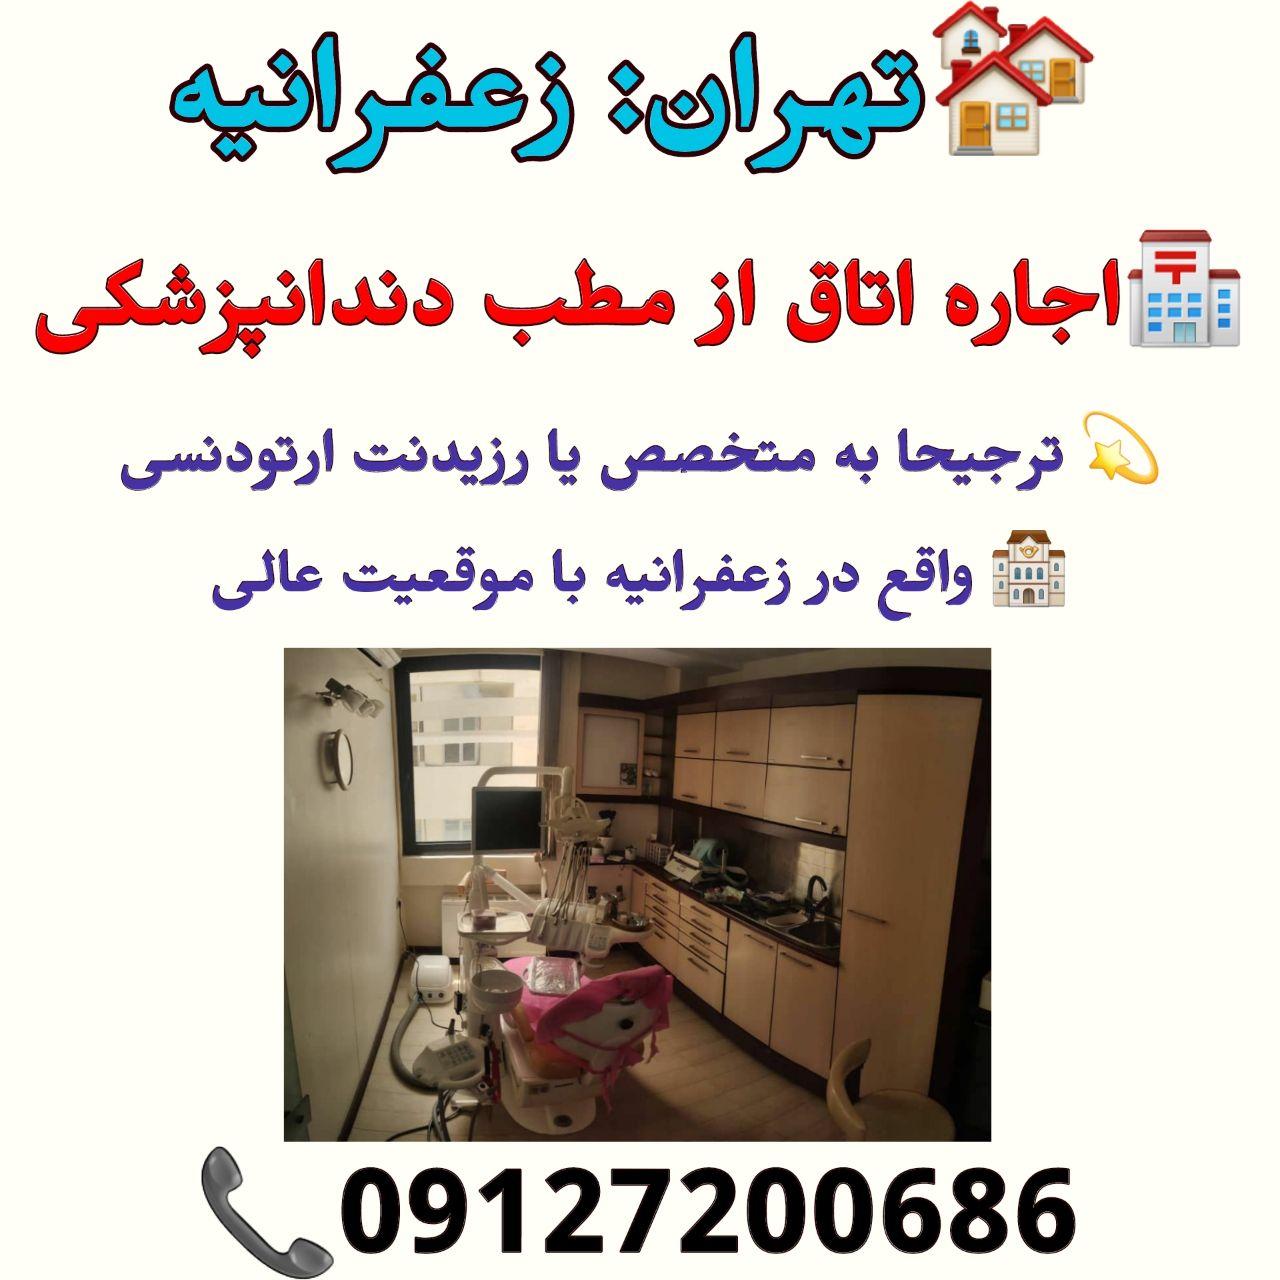 تهران: زعفرانیه، اجاره اتاق از مطب دندانپزشکی